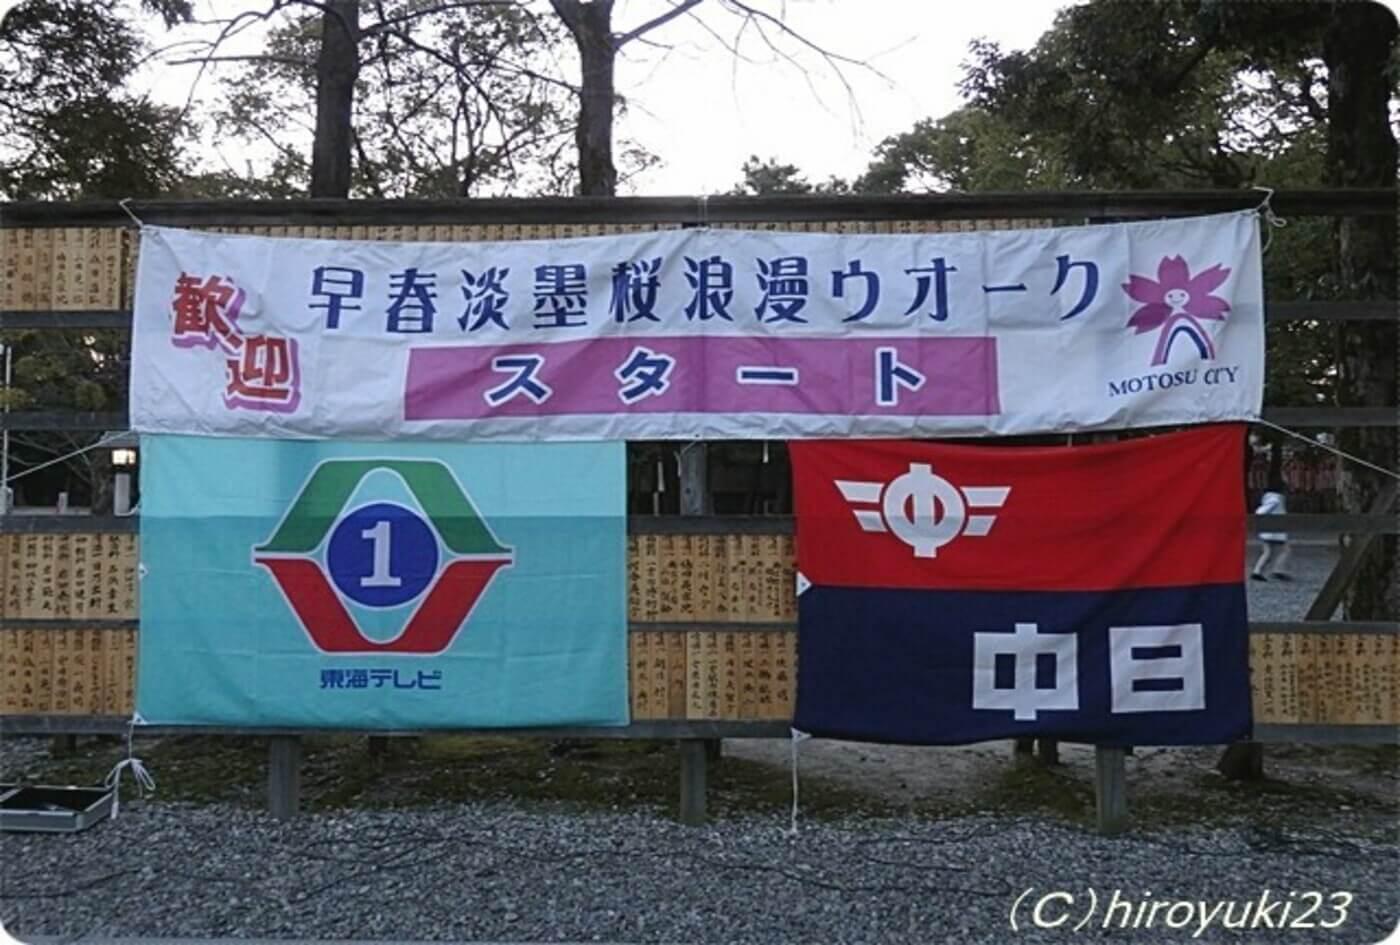 早春淡墨桜浪漫ウォーク | 岐阜県